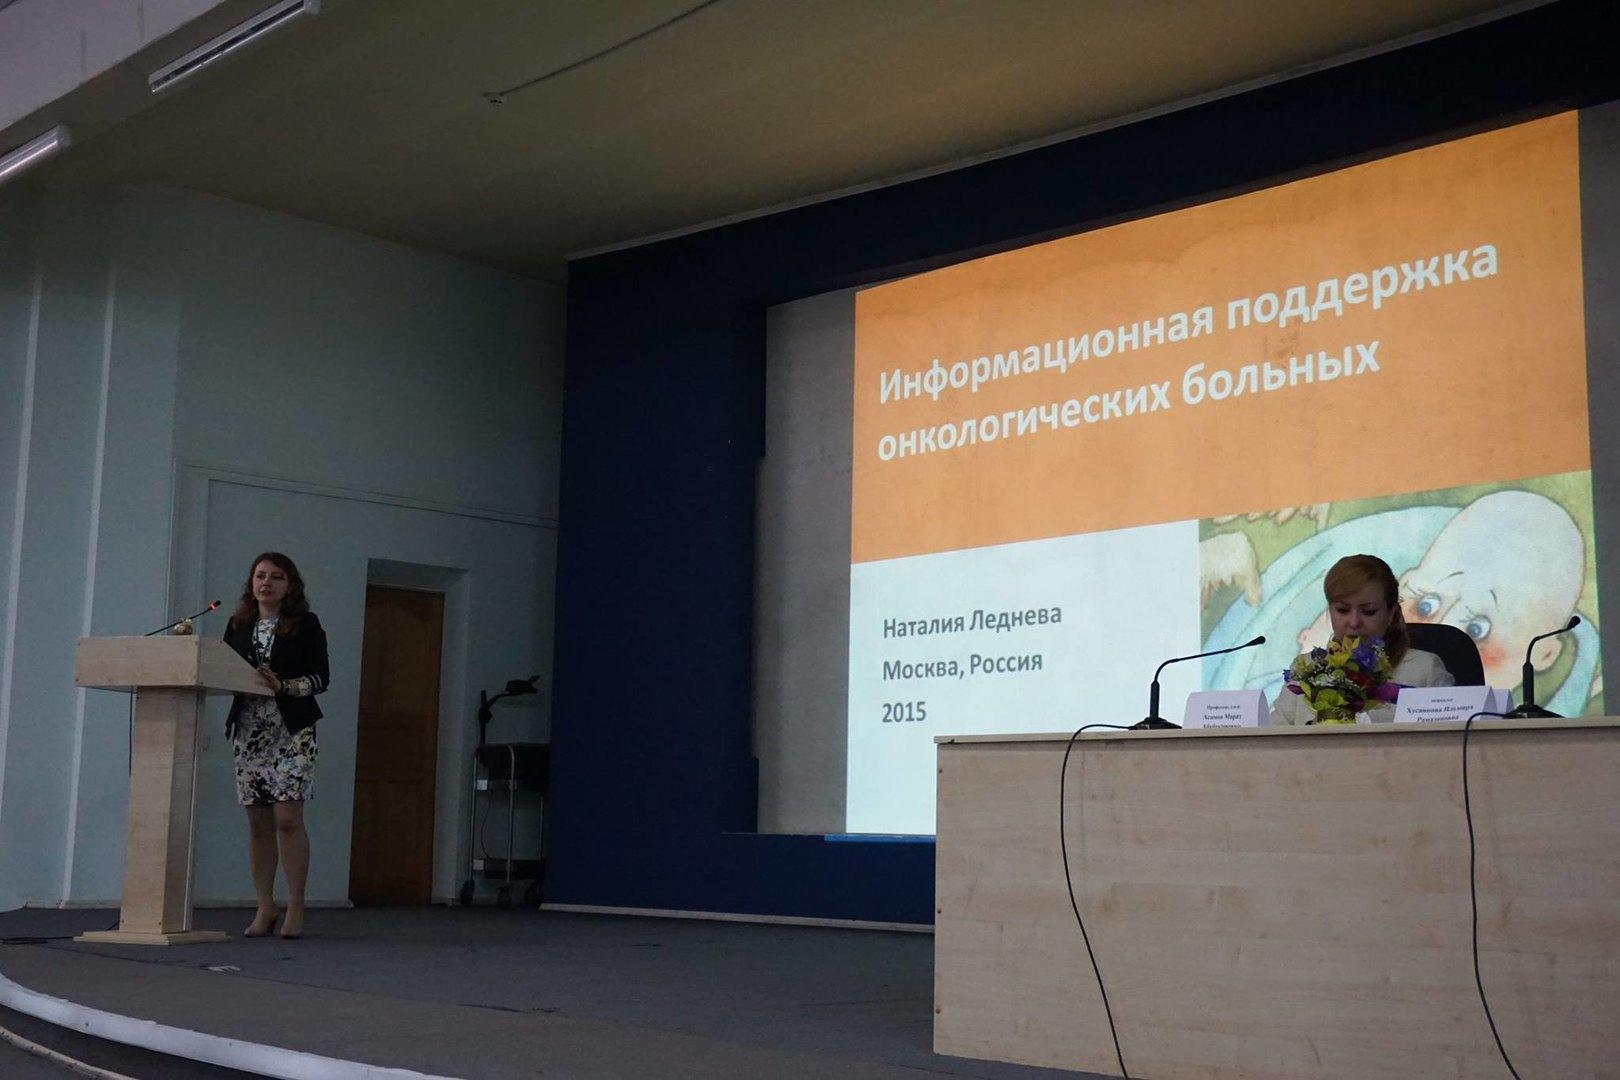 Наталия Леднева выступает передонкопсихологами